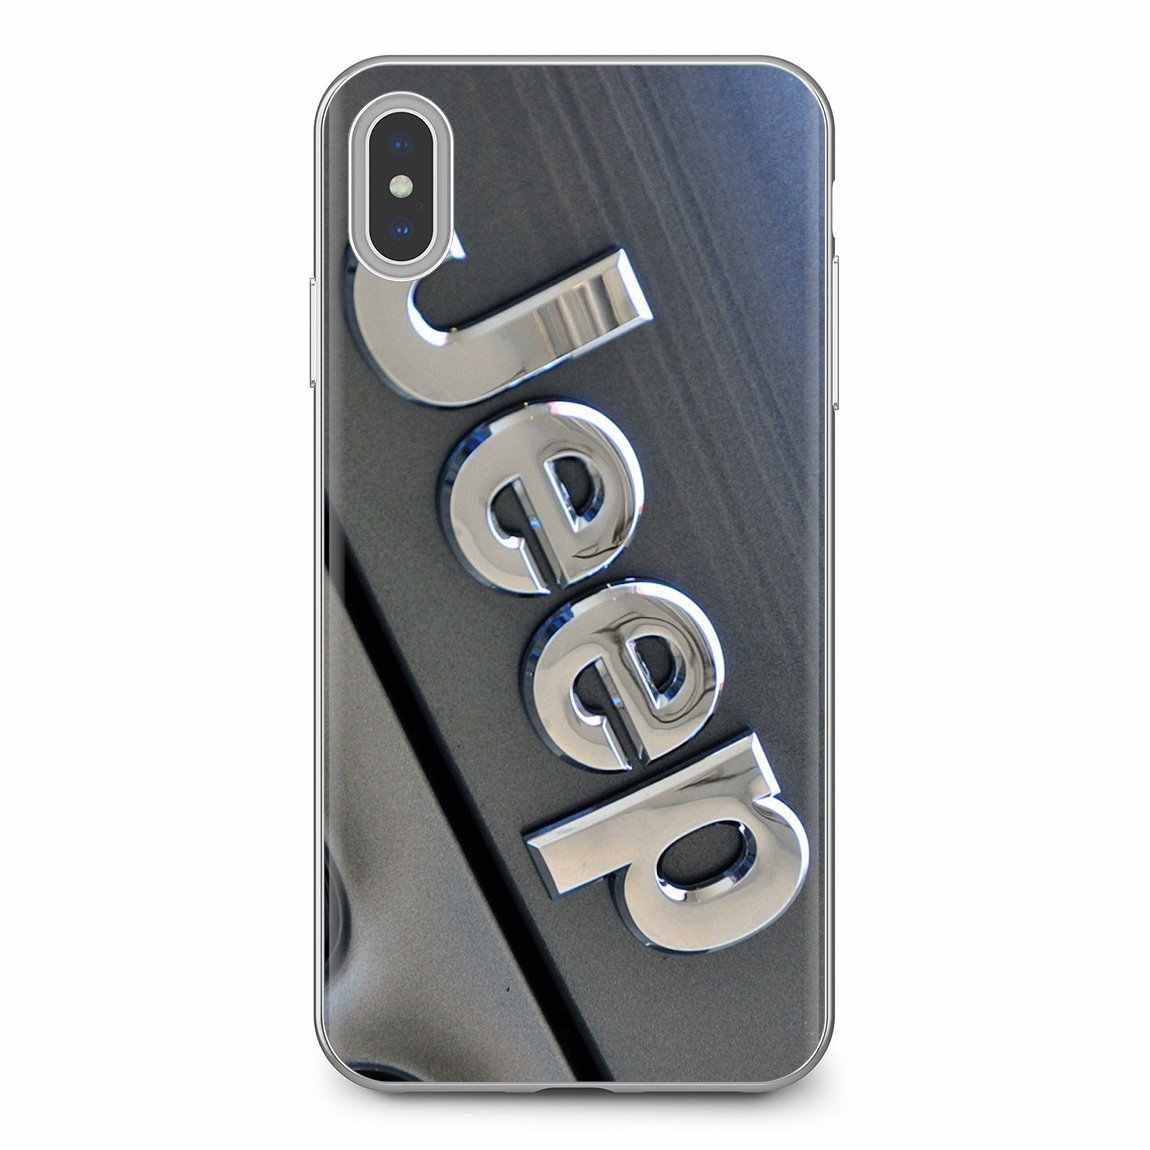 لهواوي G7 G8 P7 P8 P9 P10 P20 P30 لايت البسيطة برو P الذكية 2017 2018 2019 الكولاج سيليكون جراب هاتف جيب wranglers شعار سيارة